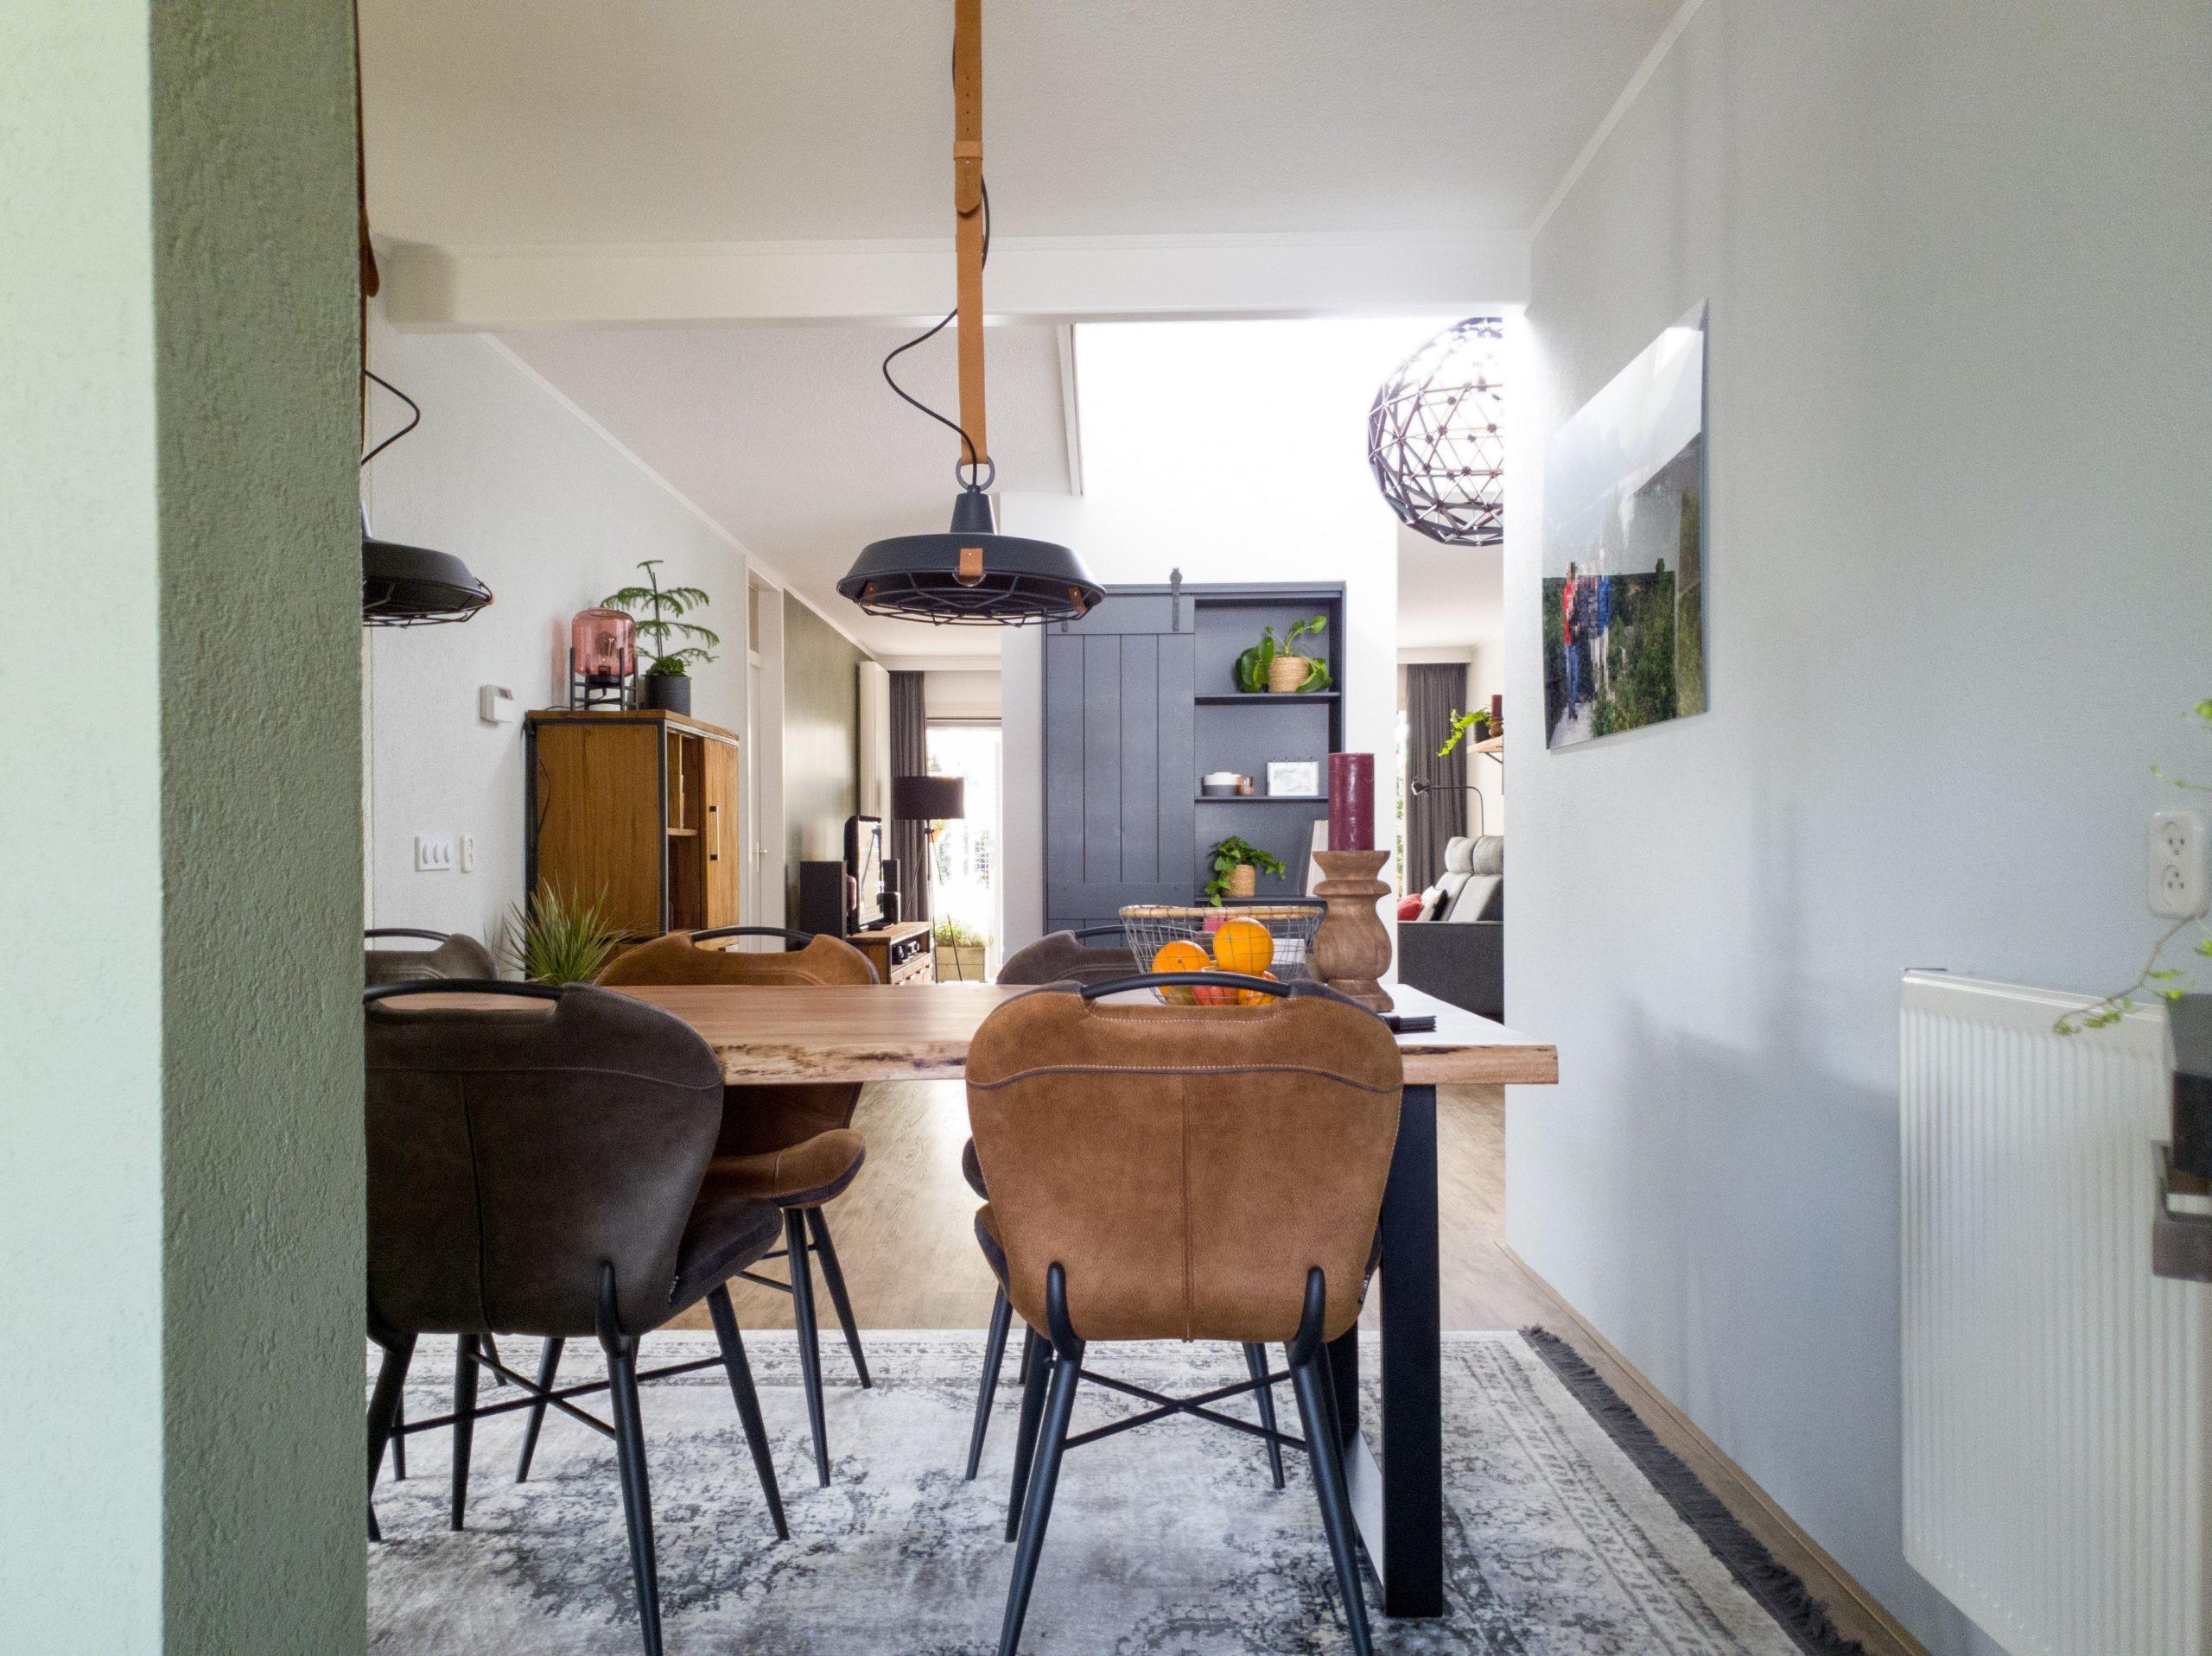 Afstyling nieuw interieur Sandra's Interieurstyling interieurontwerp (20)